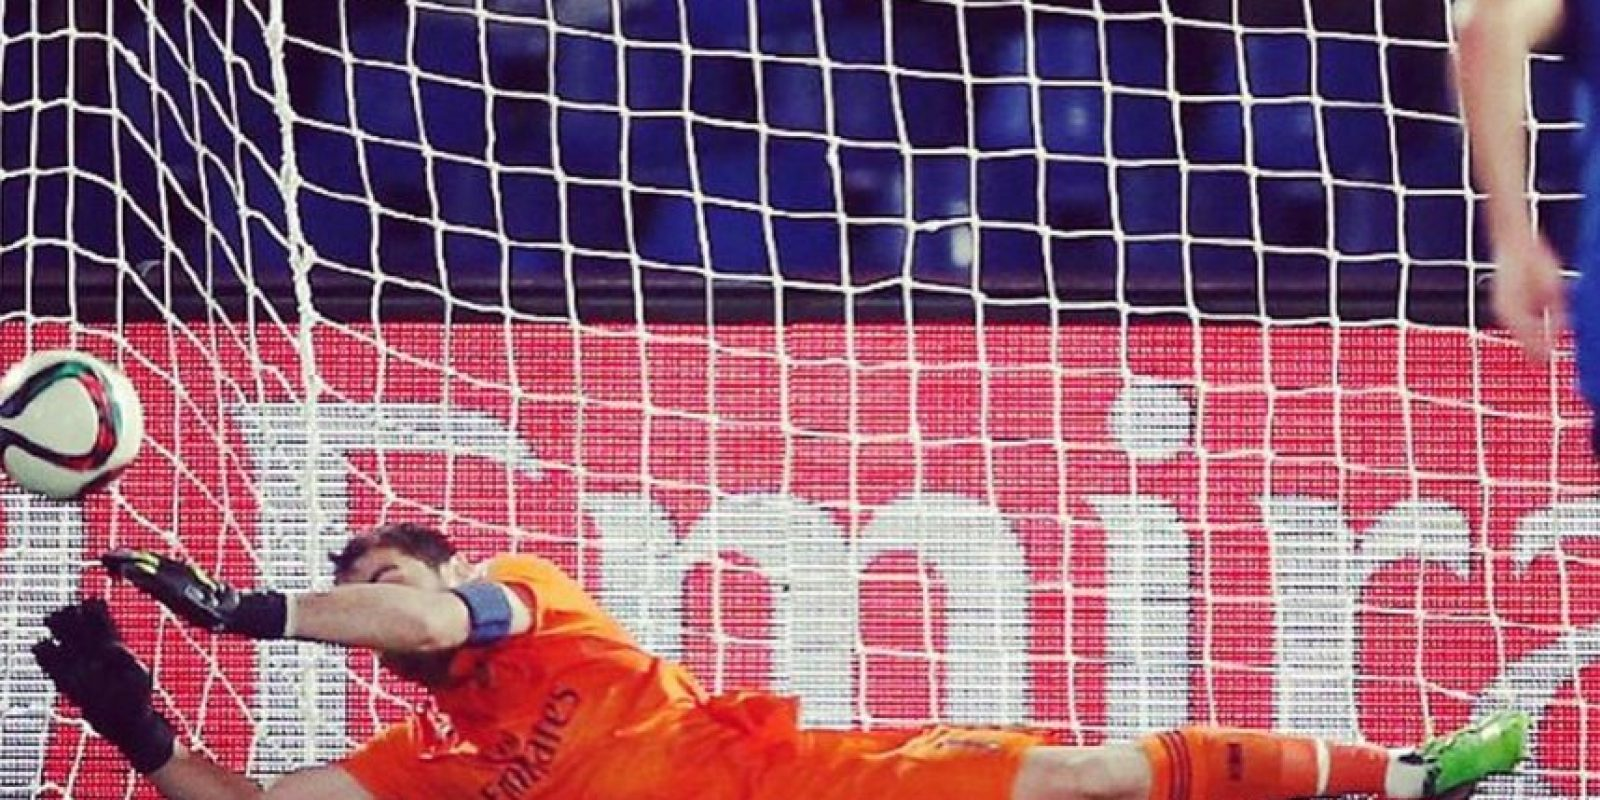 Iker indicó que su último partido de la campaña contra el Getafe sería el domingo Foto:Vía instagram.com/ikercasillasoficial